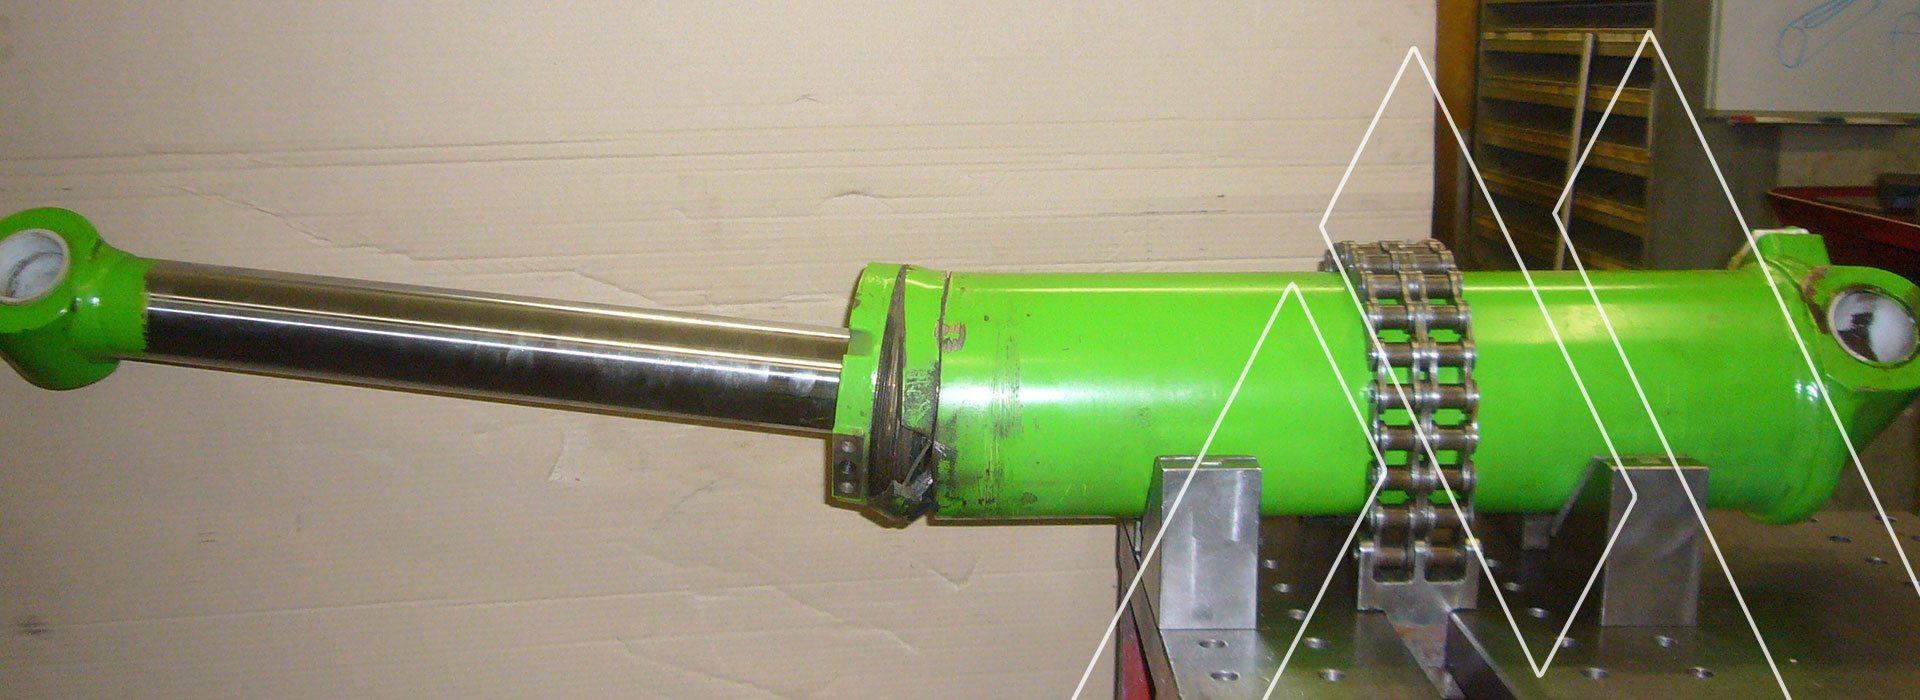 Hydraulikzylinder Reparatur – Alle Zylindertypen schnell wieder funktionstüchtig